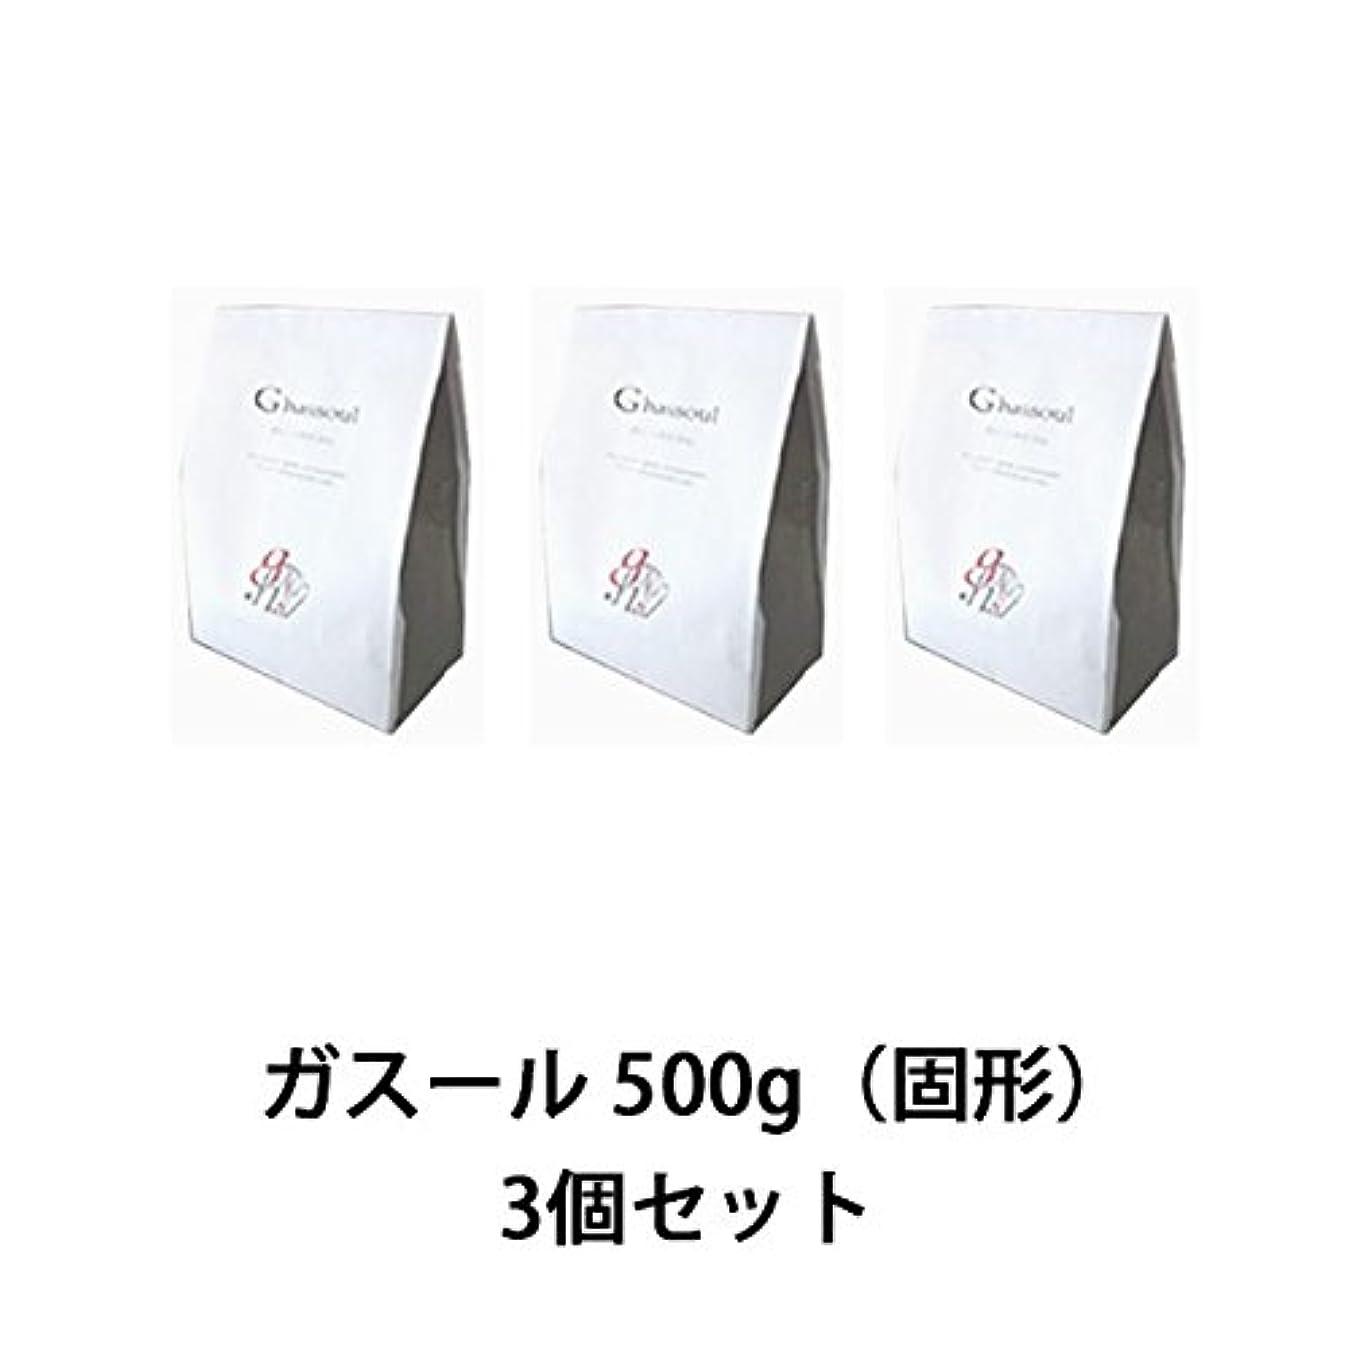 相談モディッシュ想像する【ナイアード】ガスール 固形 500g ×3個セット